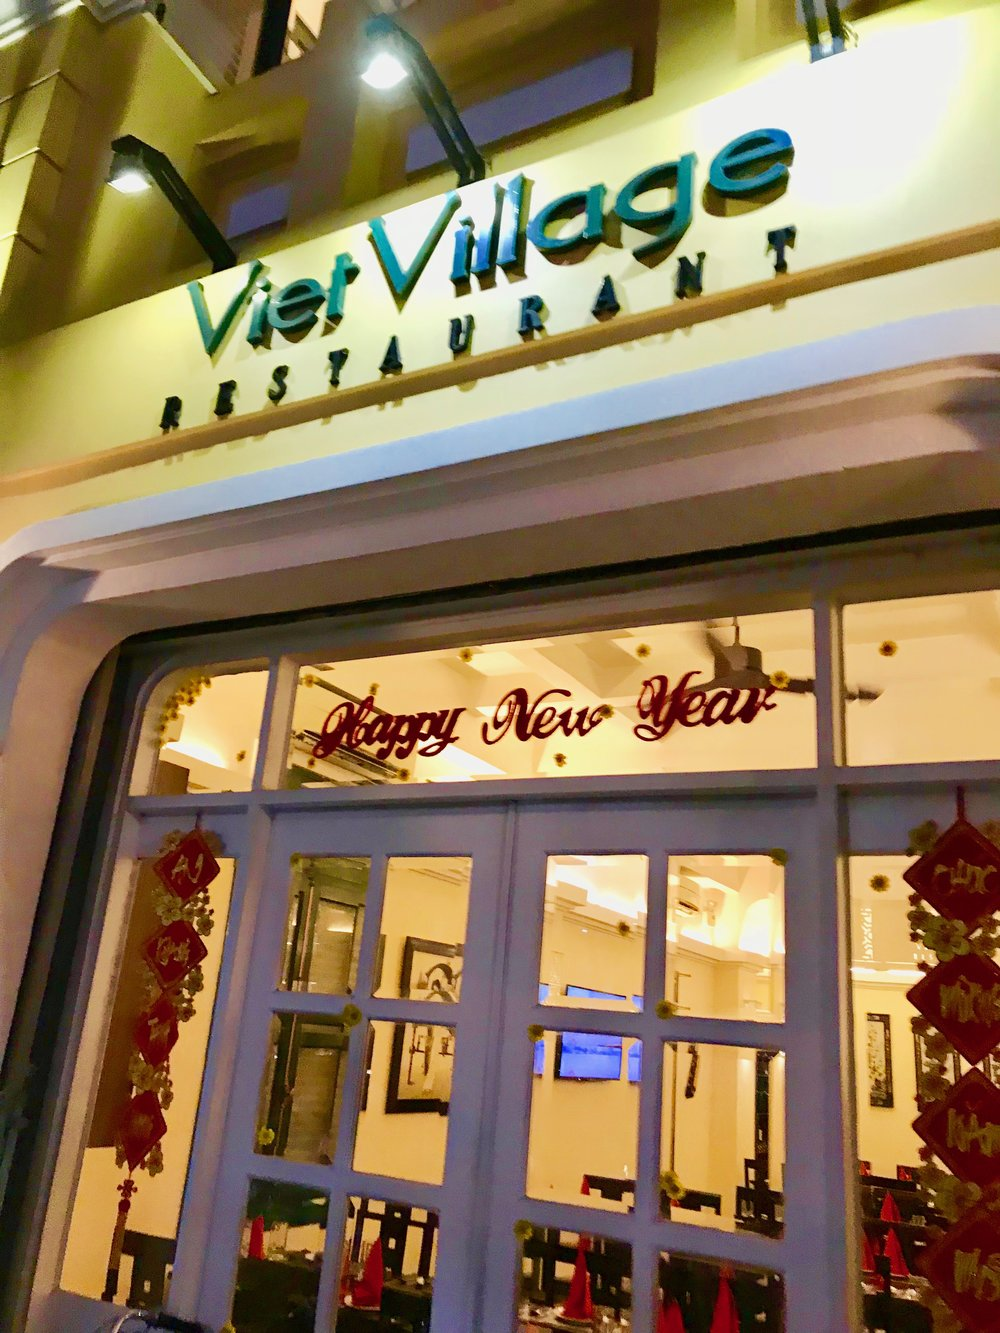 Viet Village Rest.jpg